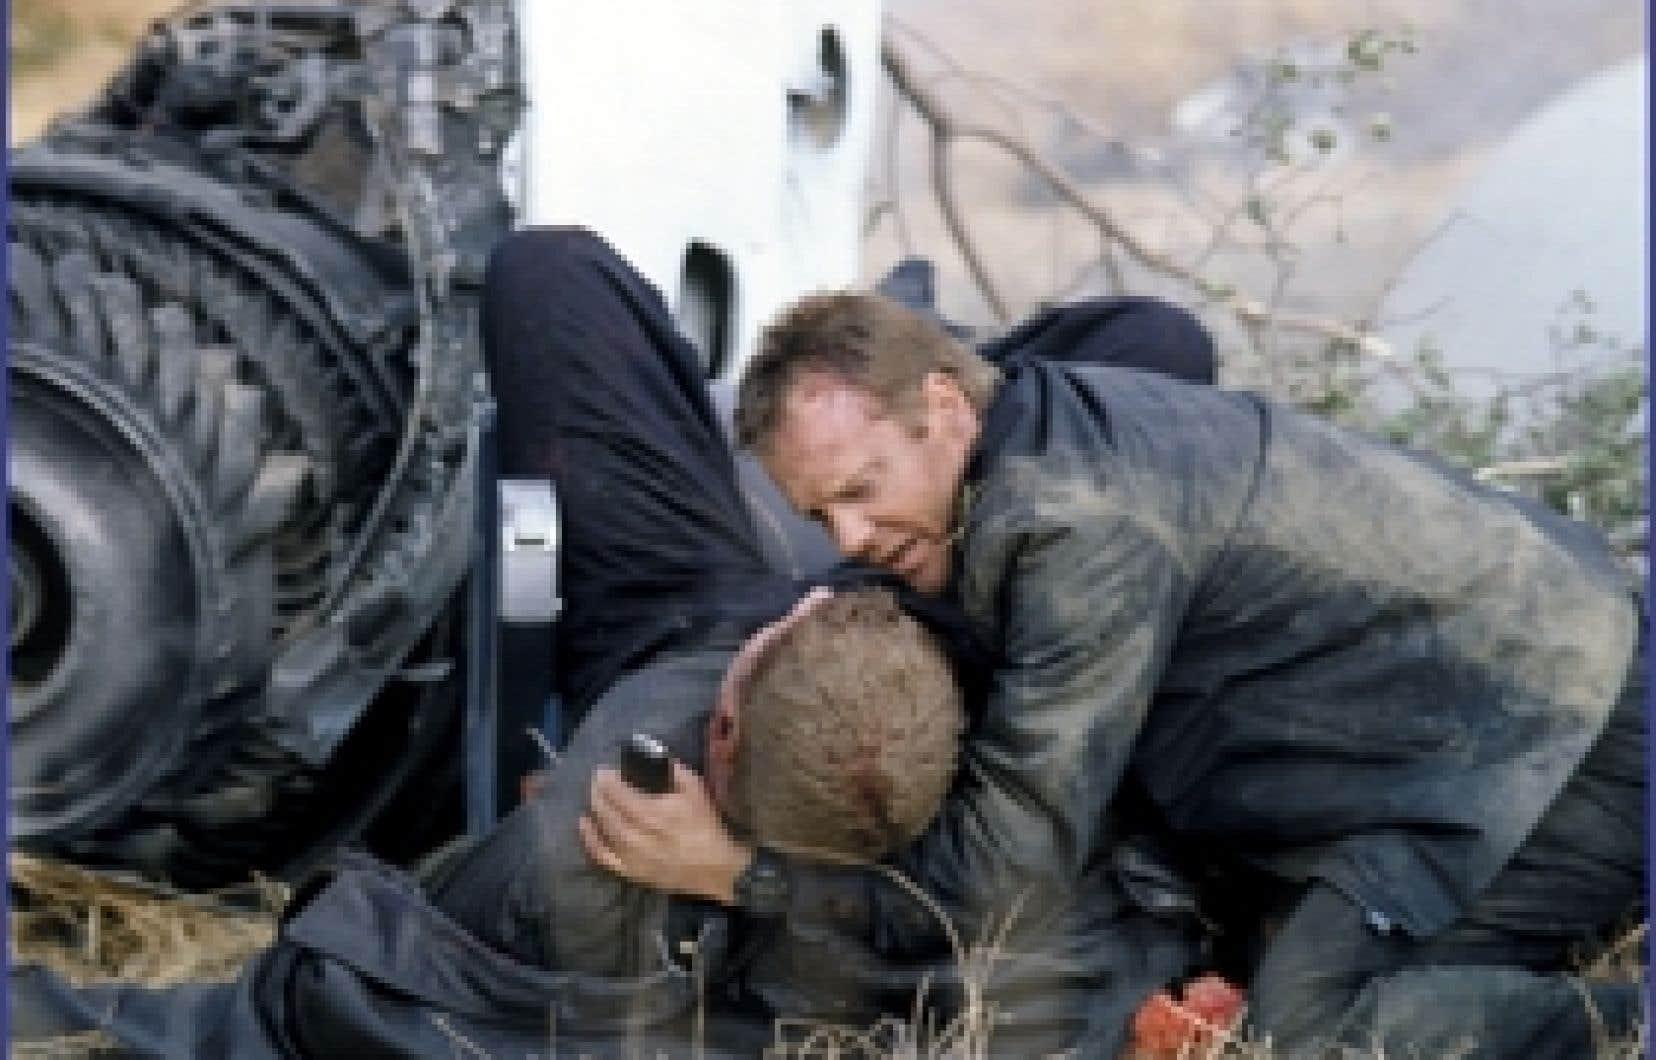 «24 est le parfait abrégé des théories du complot de notre époque.» Sur la photo, l'agent Jack Bauer, incarné par Kiefer Sutherland, dans une des nombreuses péripéties de cette télésérie.